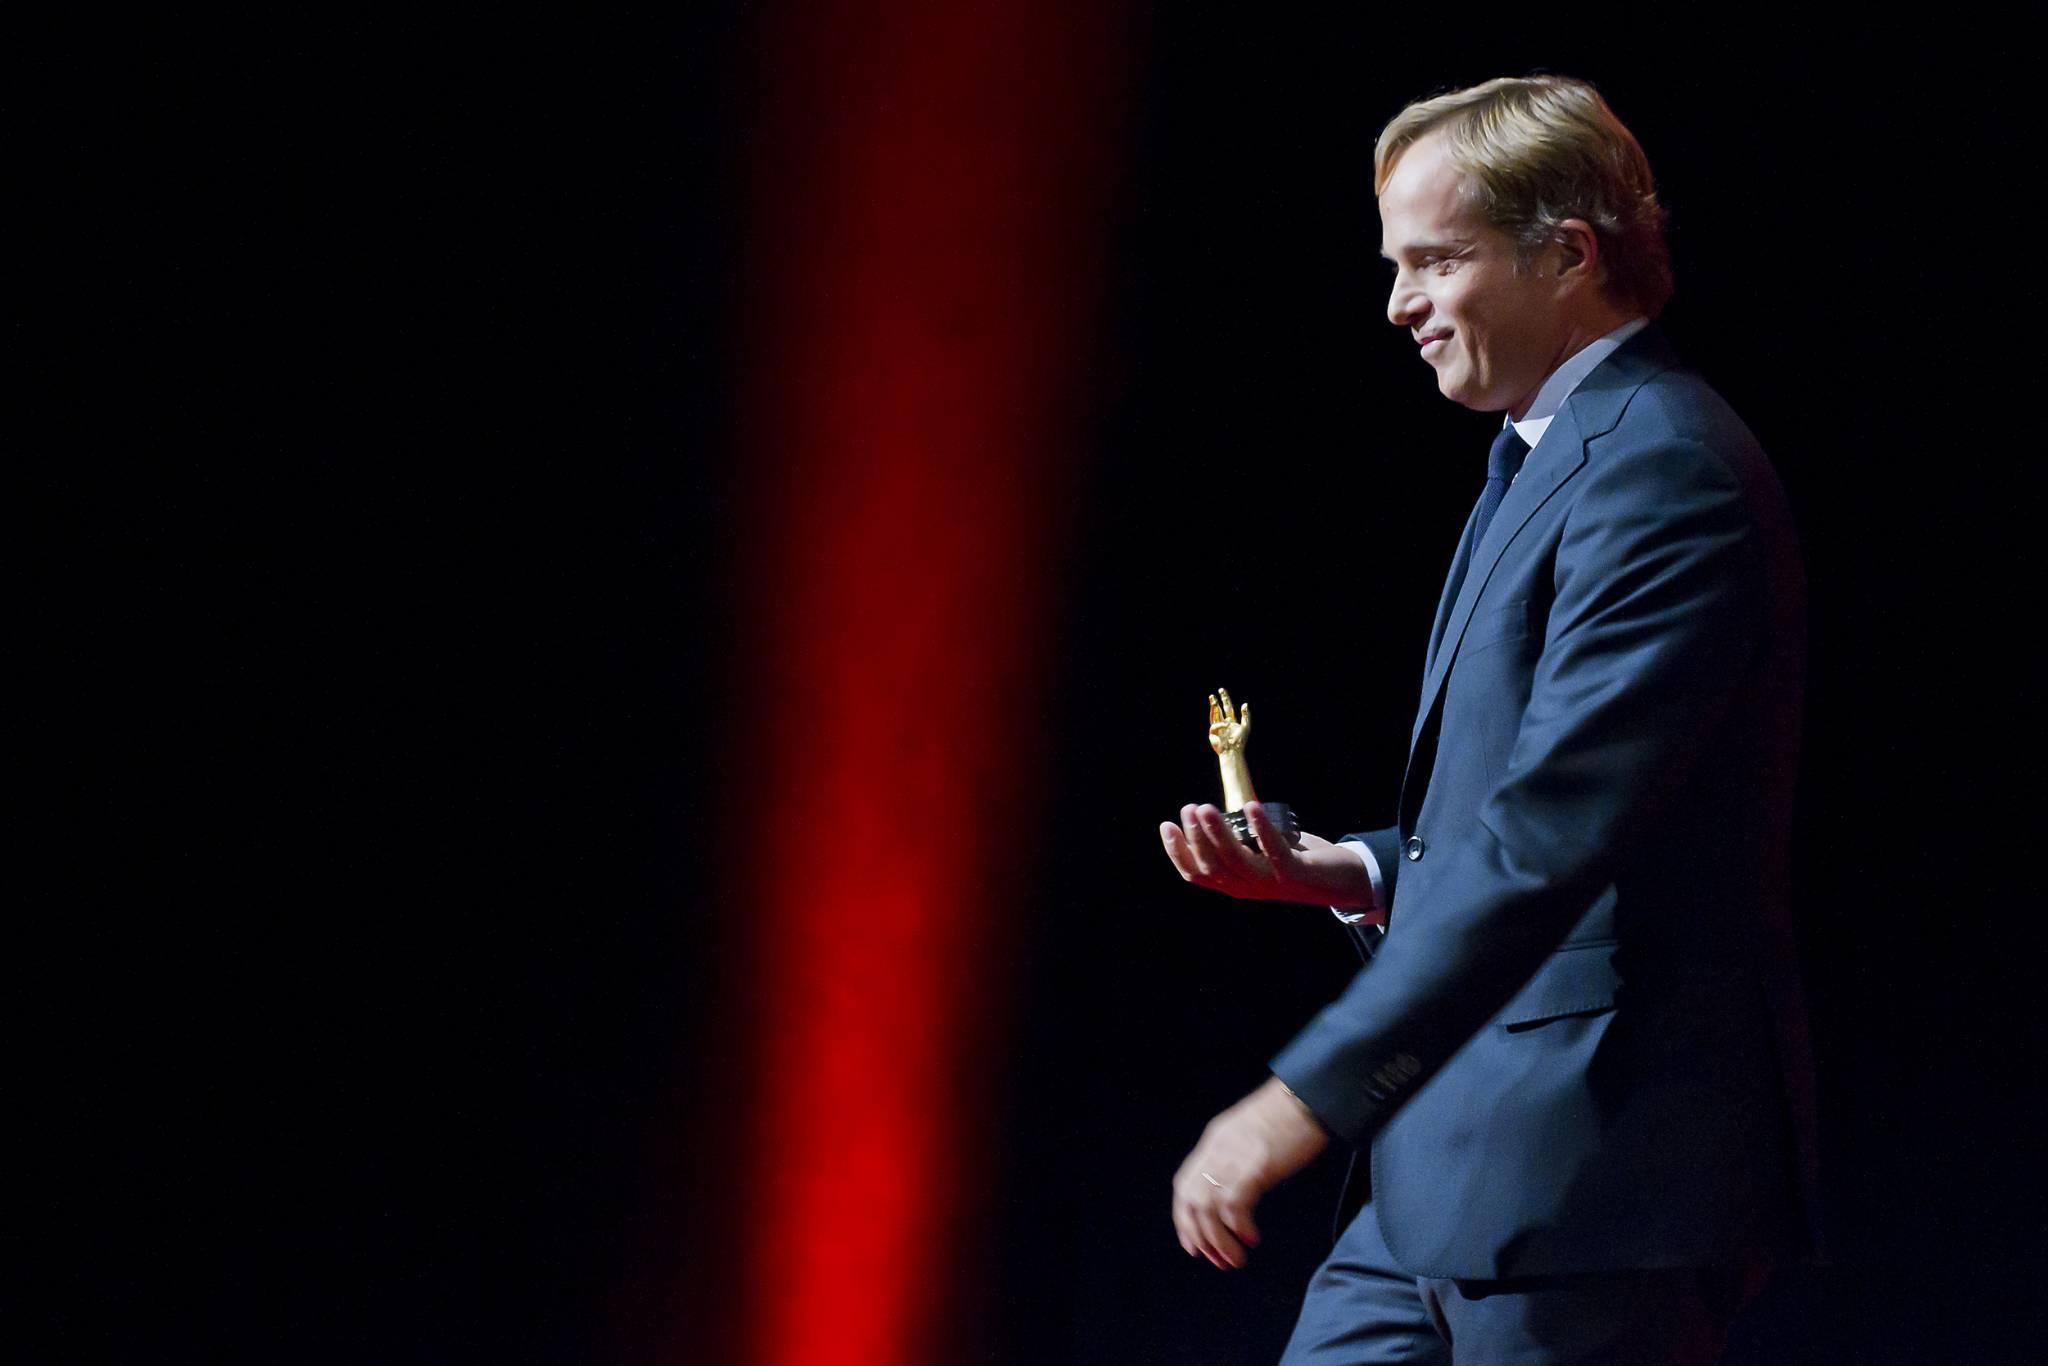 Jean-Frédéric Dufour, CEO de Zenith, marque lauréate du Prix de la Grande Complication 2011